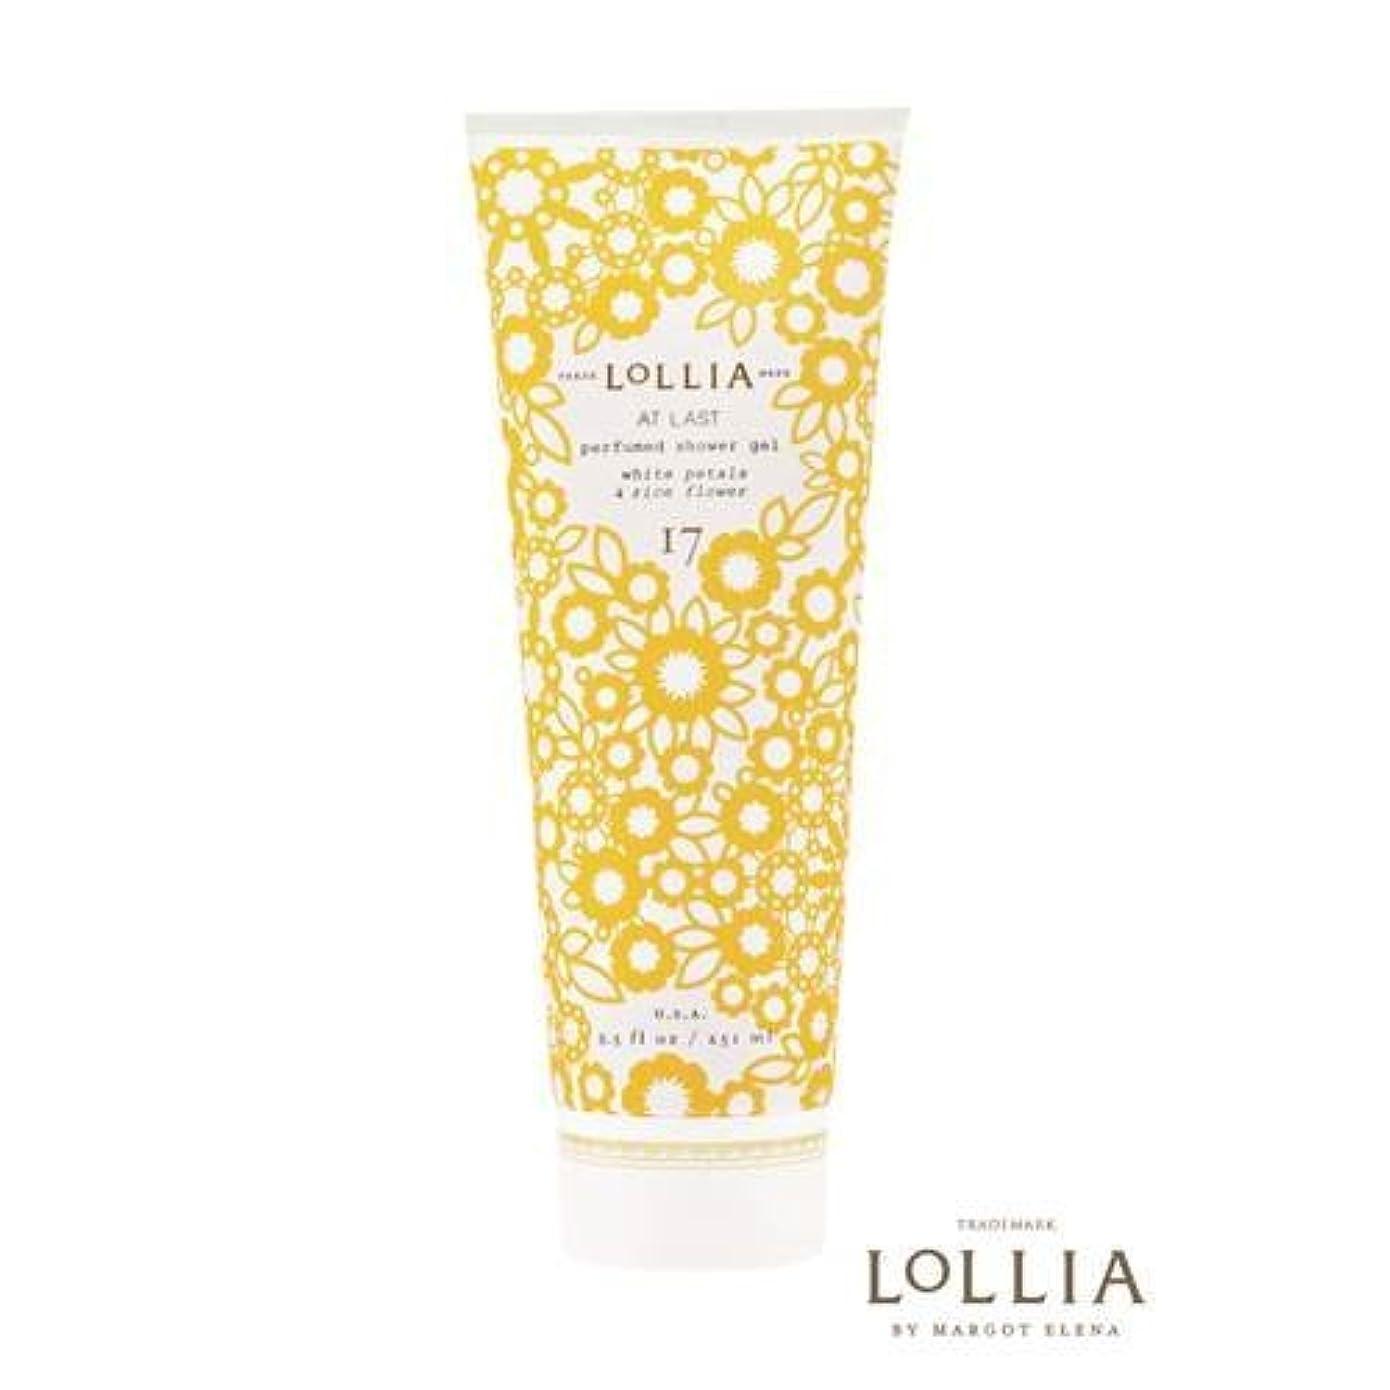 落ち込んでいる人気着飾るロリア(LoLLIA) パフュームドシャワージェル AtLast 251ml(全身用洗浄料 ボディーソープ ライスフラワー、マグノリアとミモザの柔らかな花々の香り)